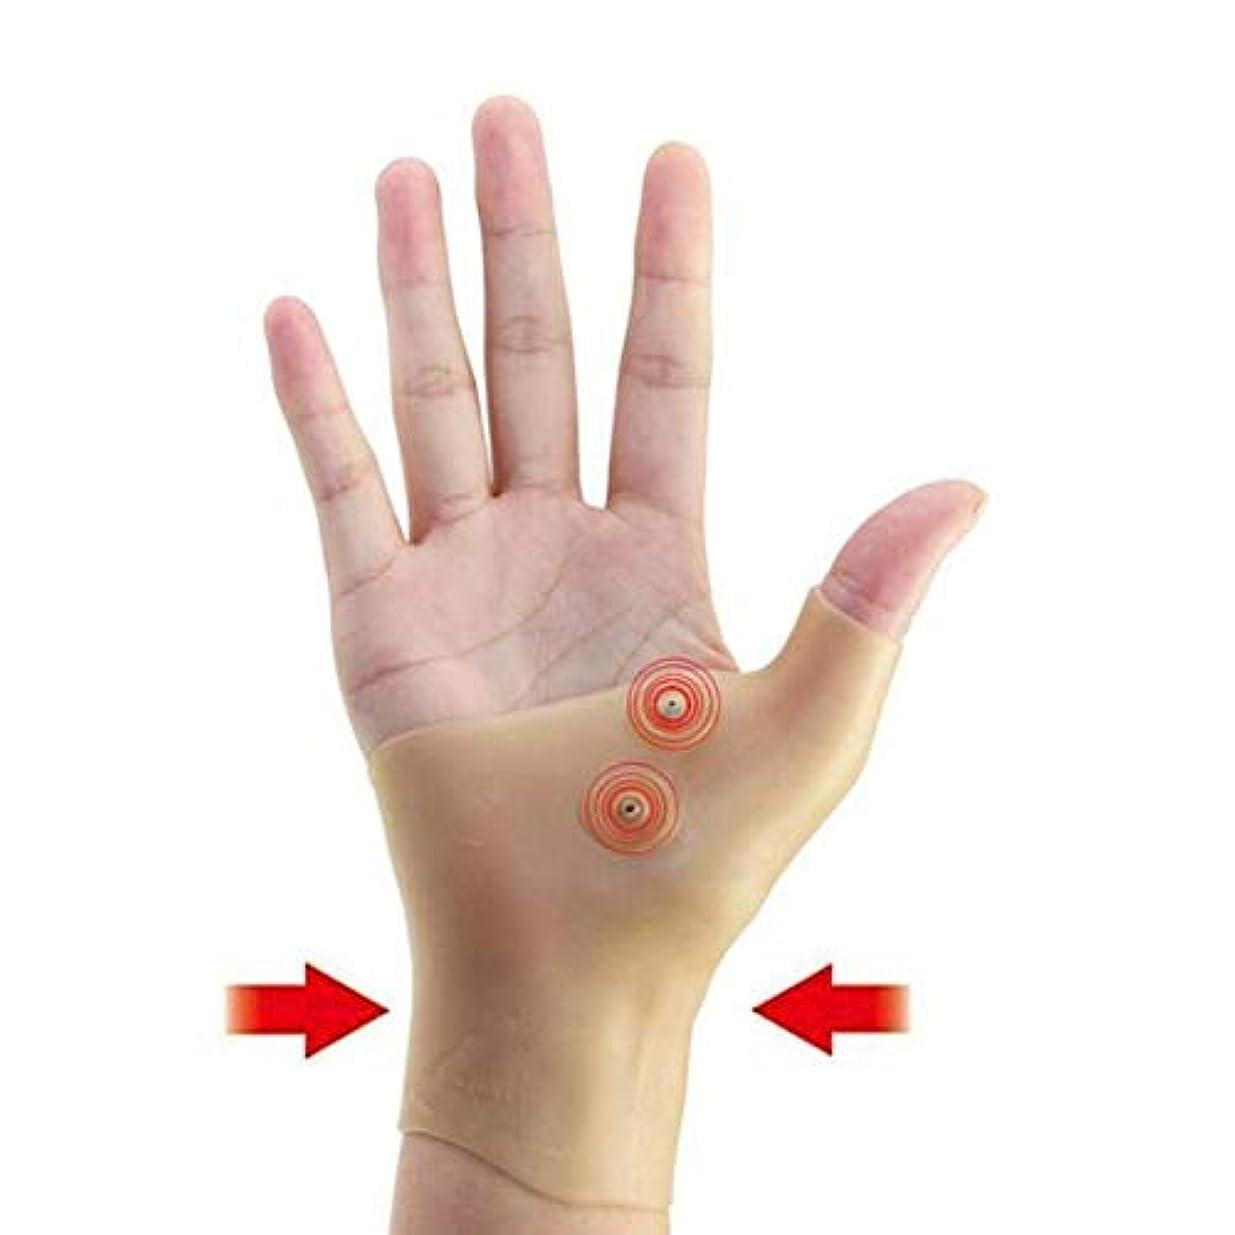 注目すべき方言事磁気療法手首手親指サポート手袋シリコーンゲル関節炎圧力矯正器マッサージ痛み緩和手袋 - 肌の色